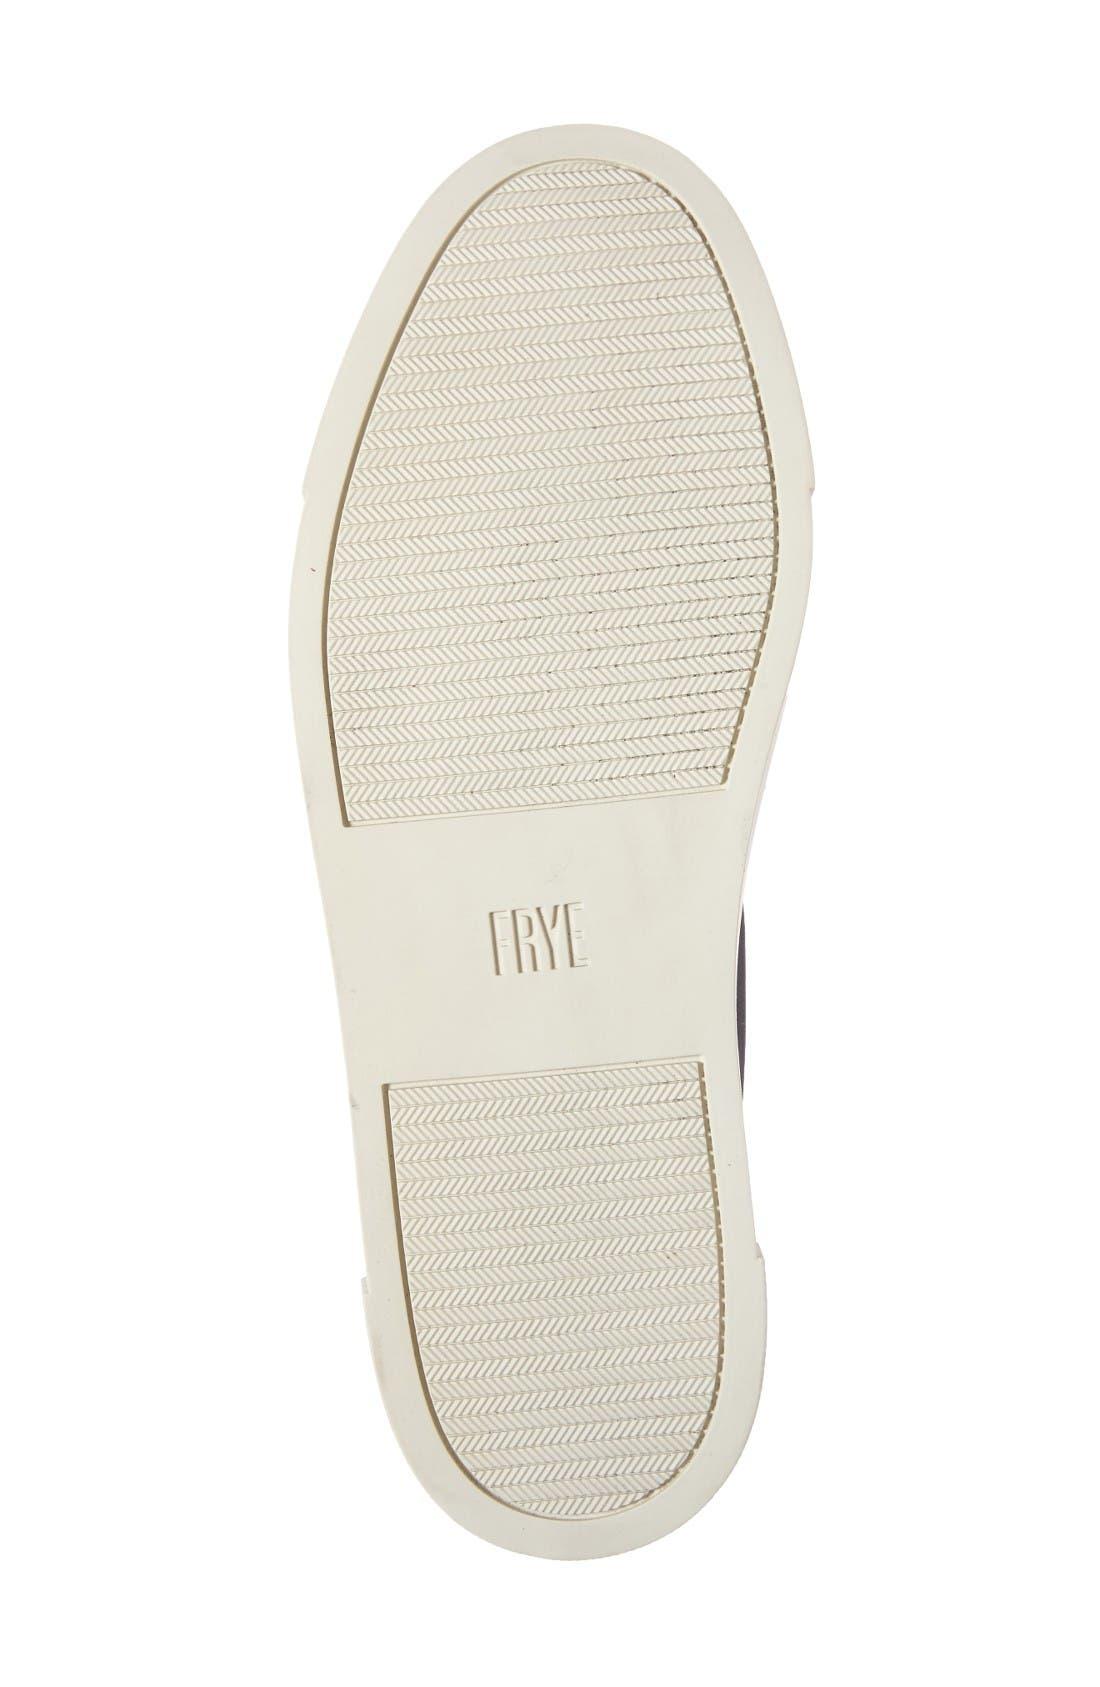 Ivy Slip-On Sneaker,                             Alternate thumbnail 4, color,                             Black